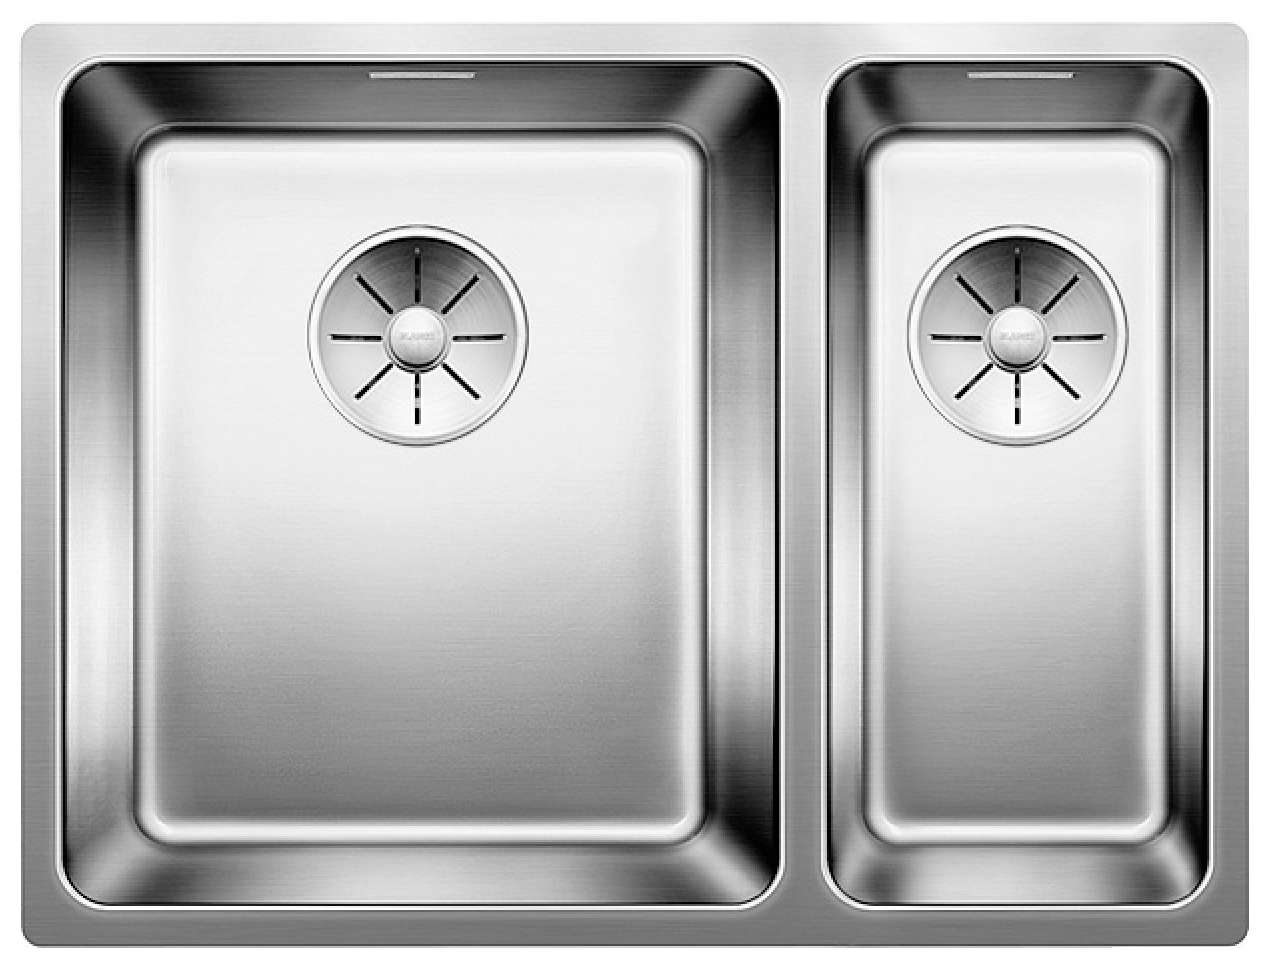 Мойка для кухни из нержавеющей стали Blanco Andano 340/180-U 522979 сталь фото